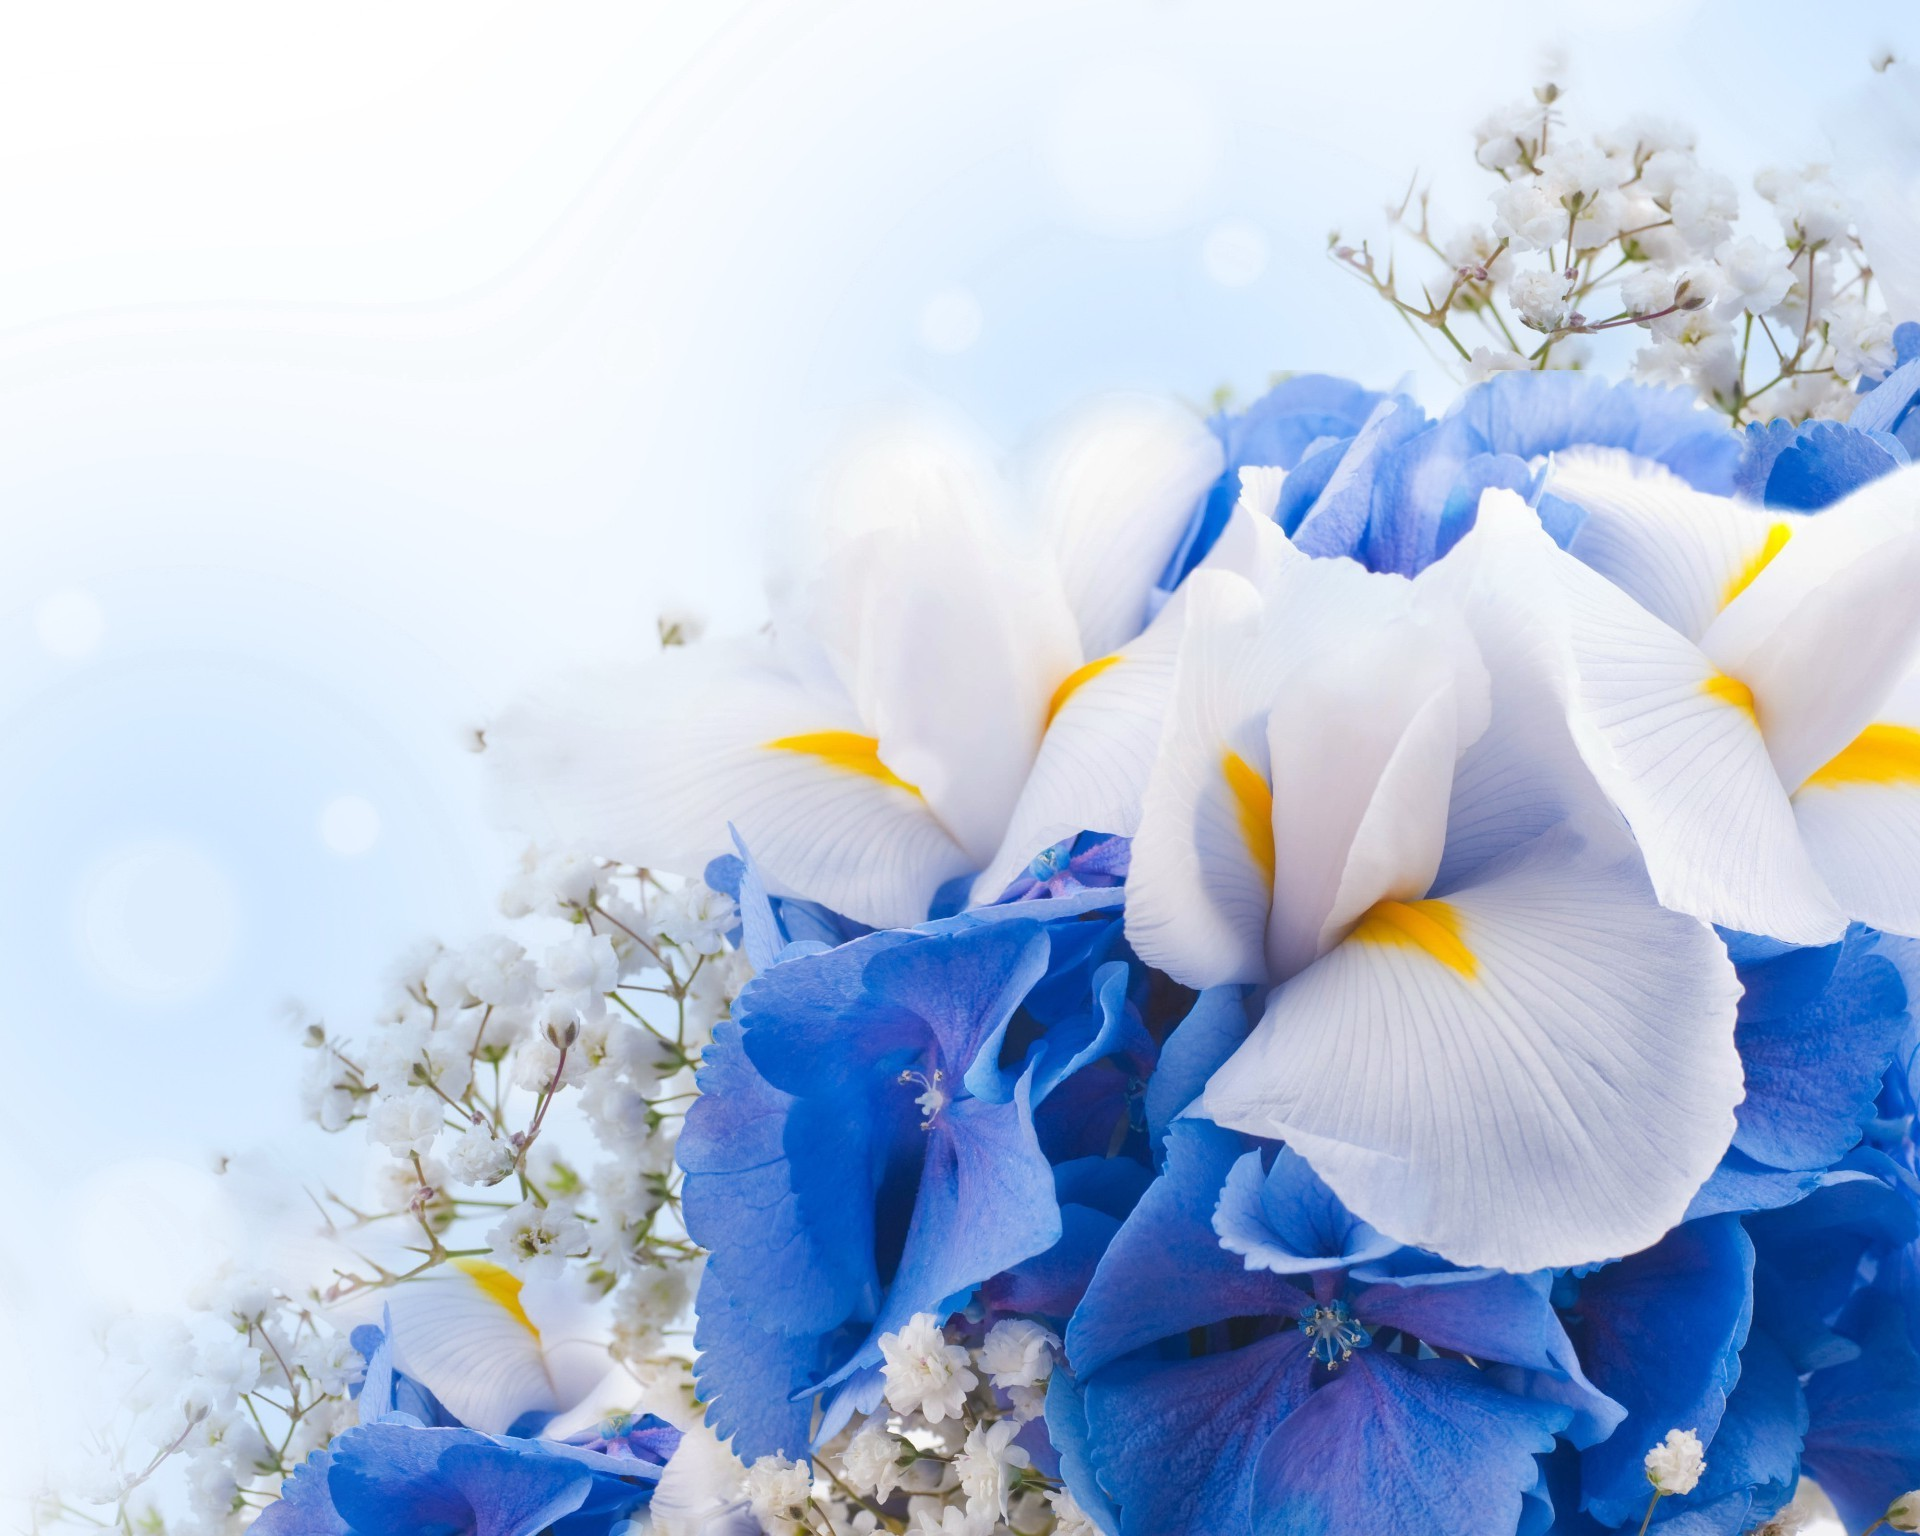 С 8 марта открытка синяя, открытка день учителя